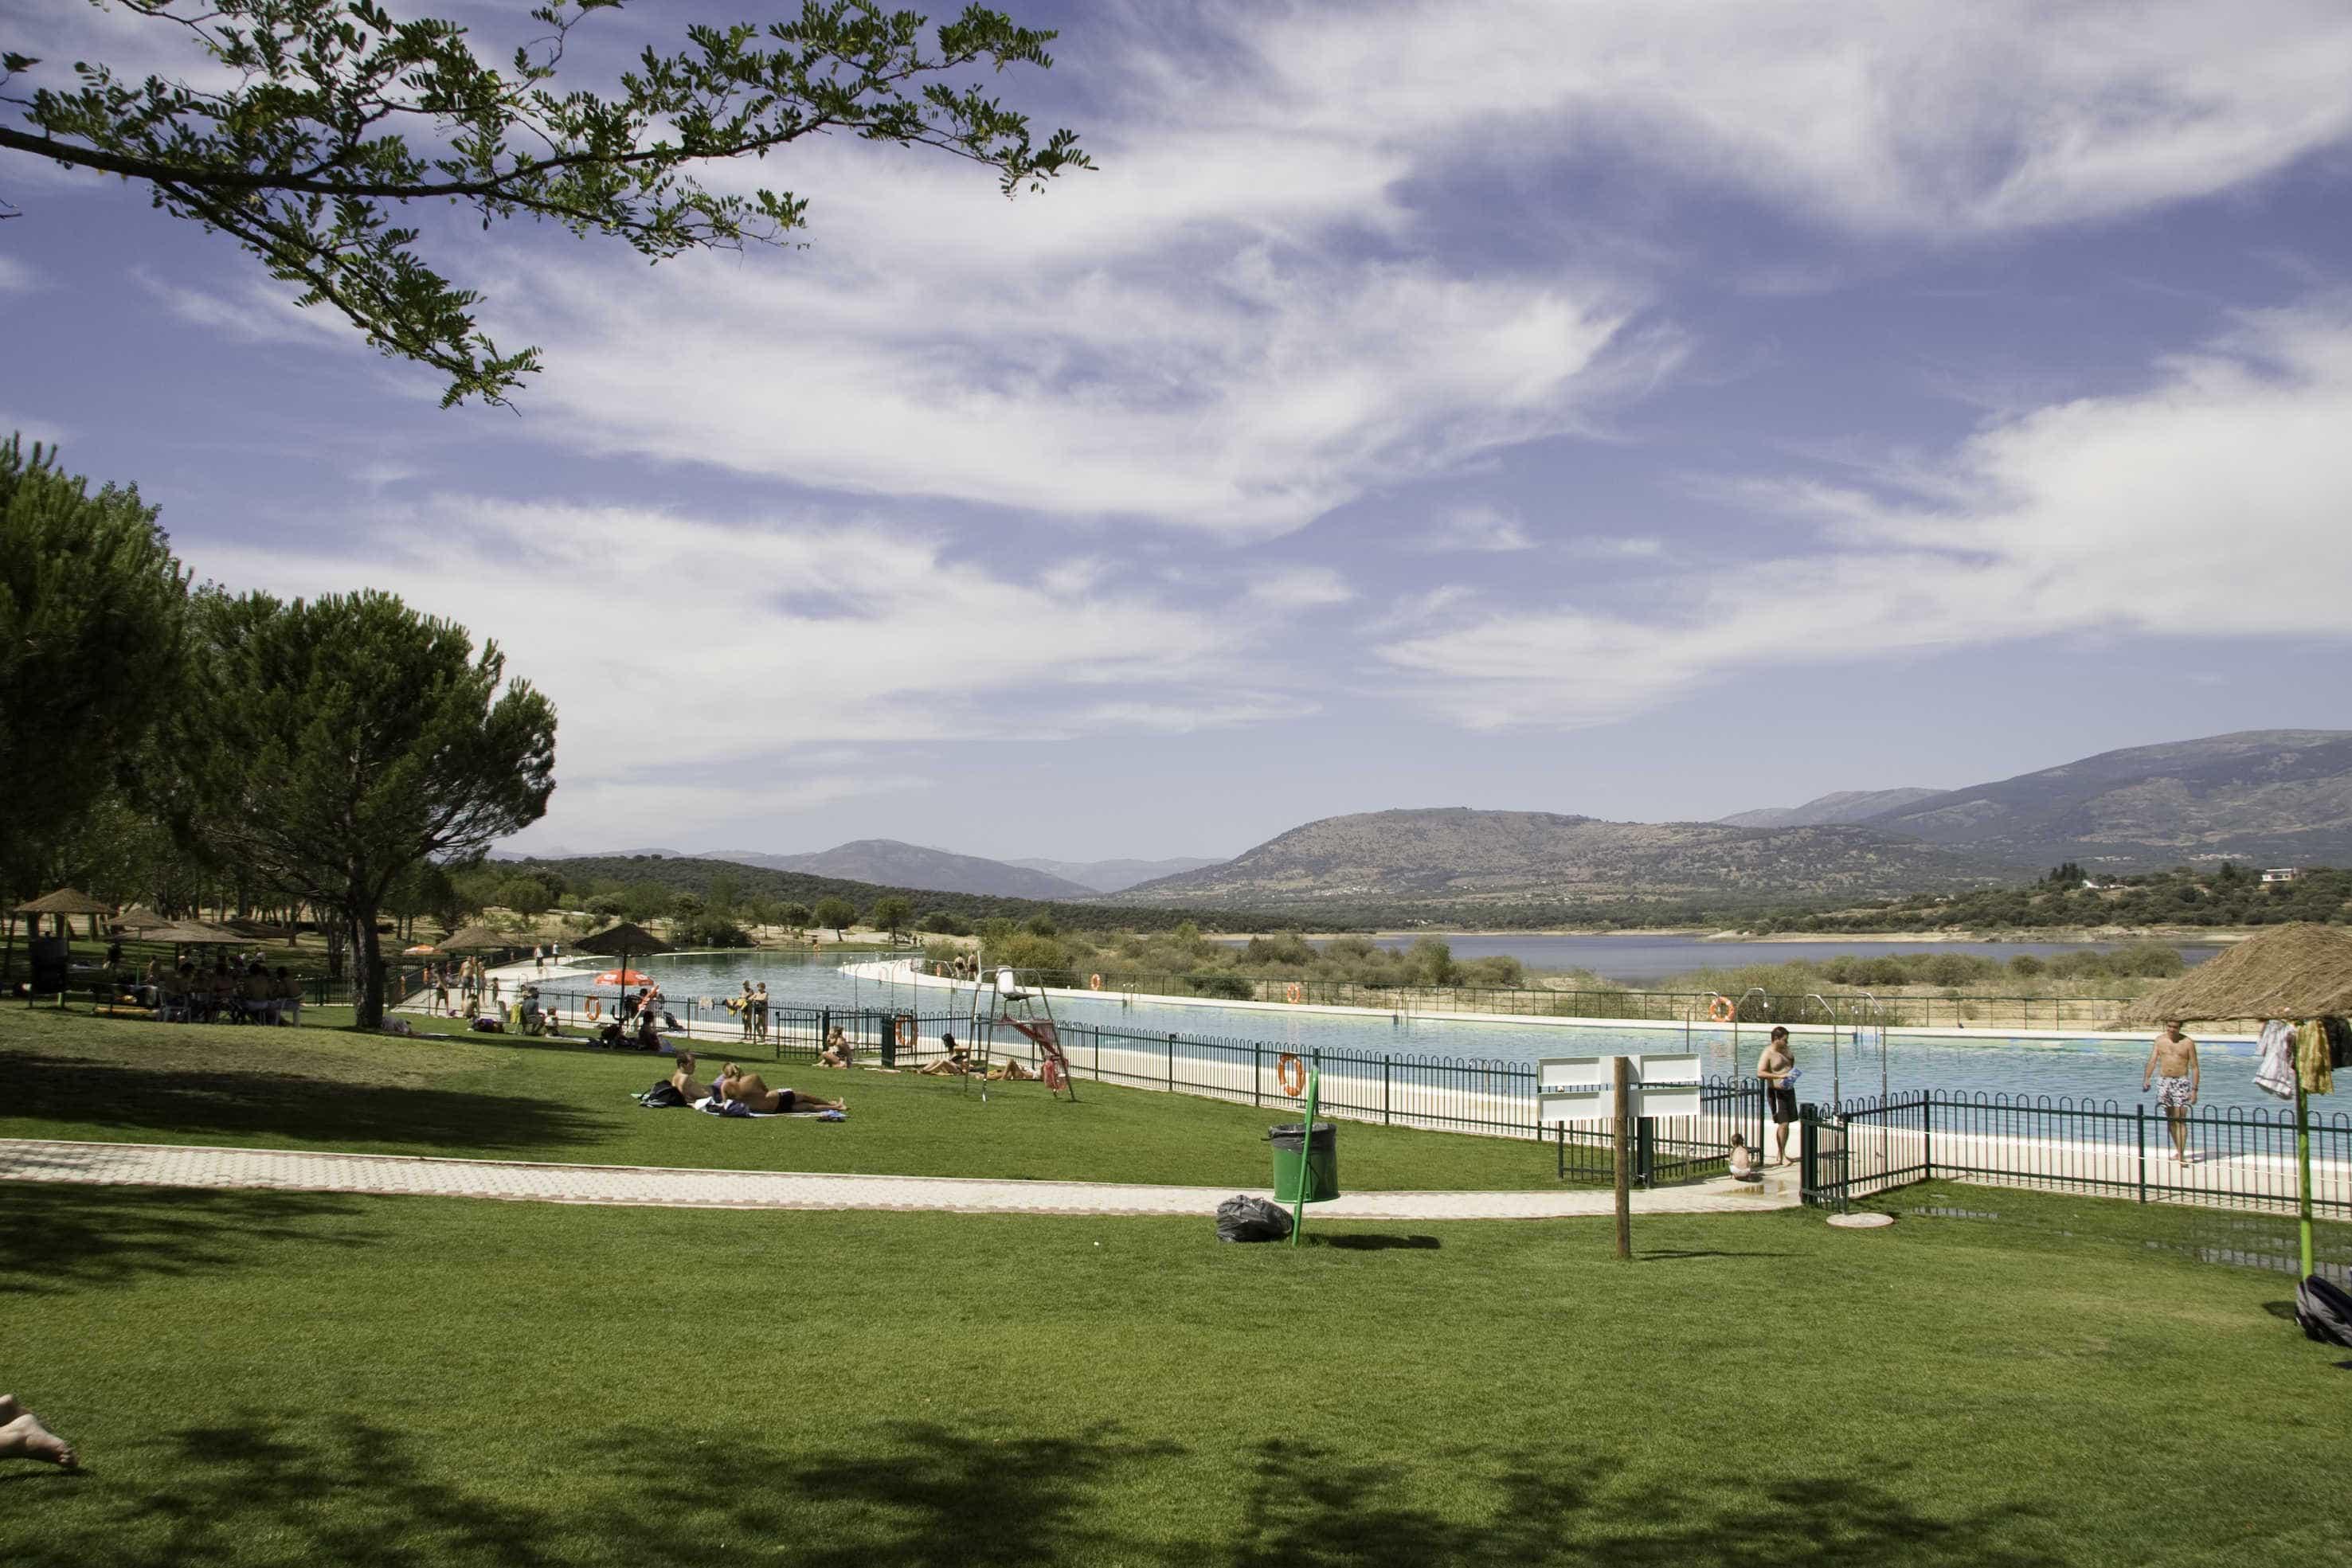 Zona retiro la piscina de metros cuadrados de for Piscinas naturales buitrago